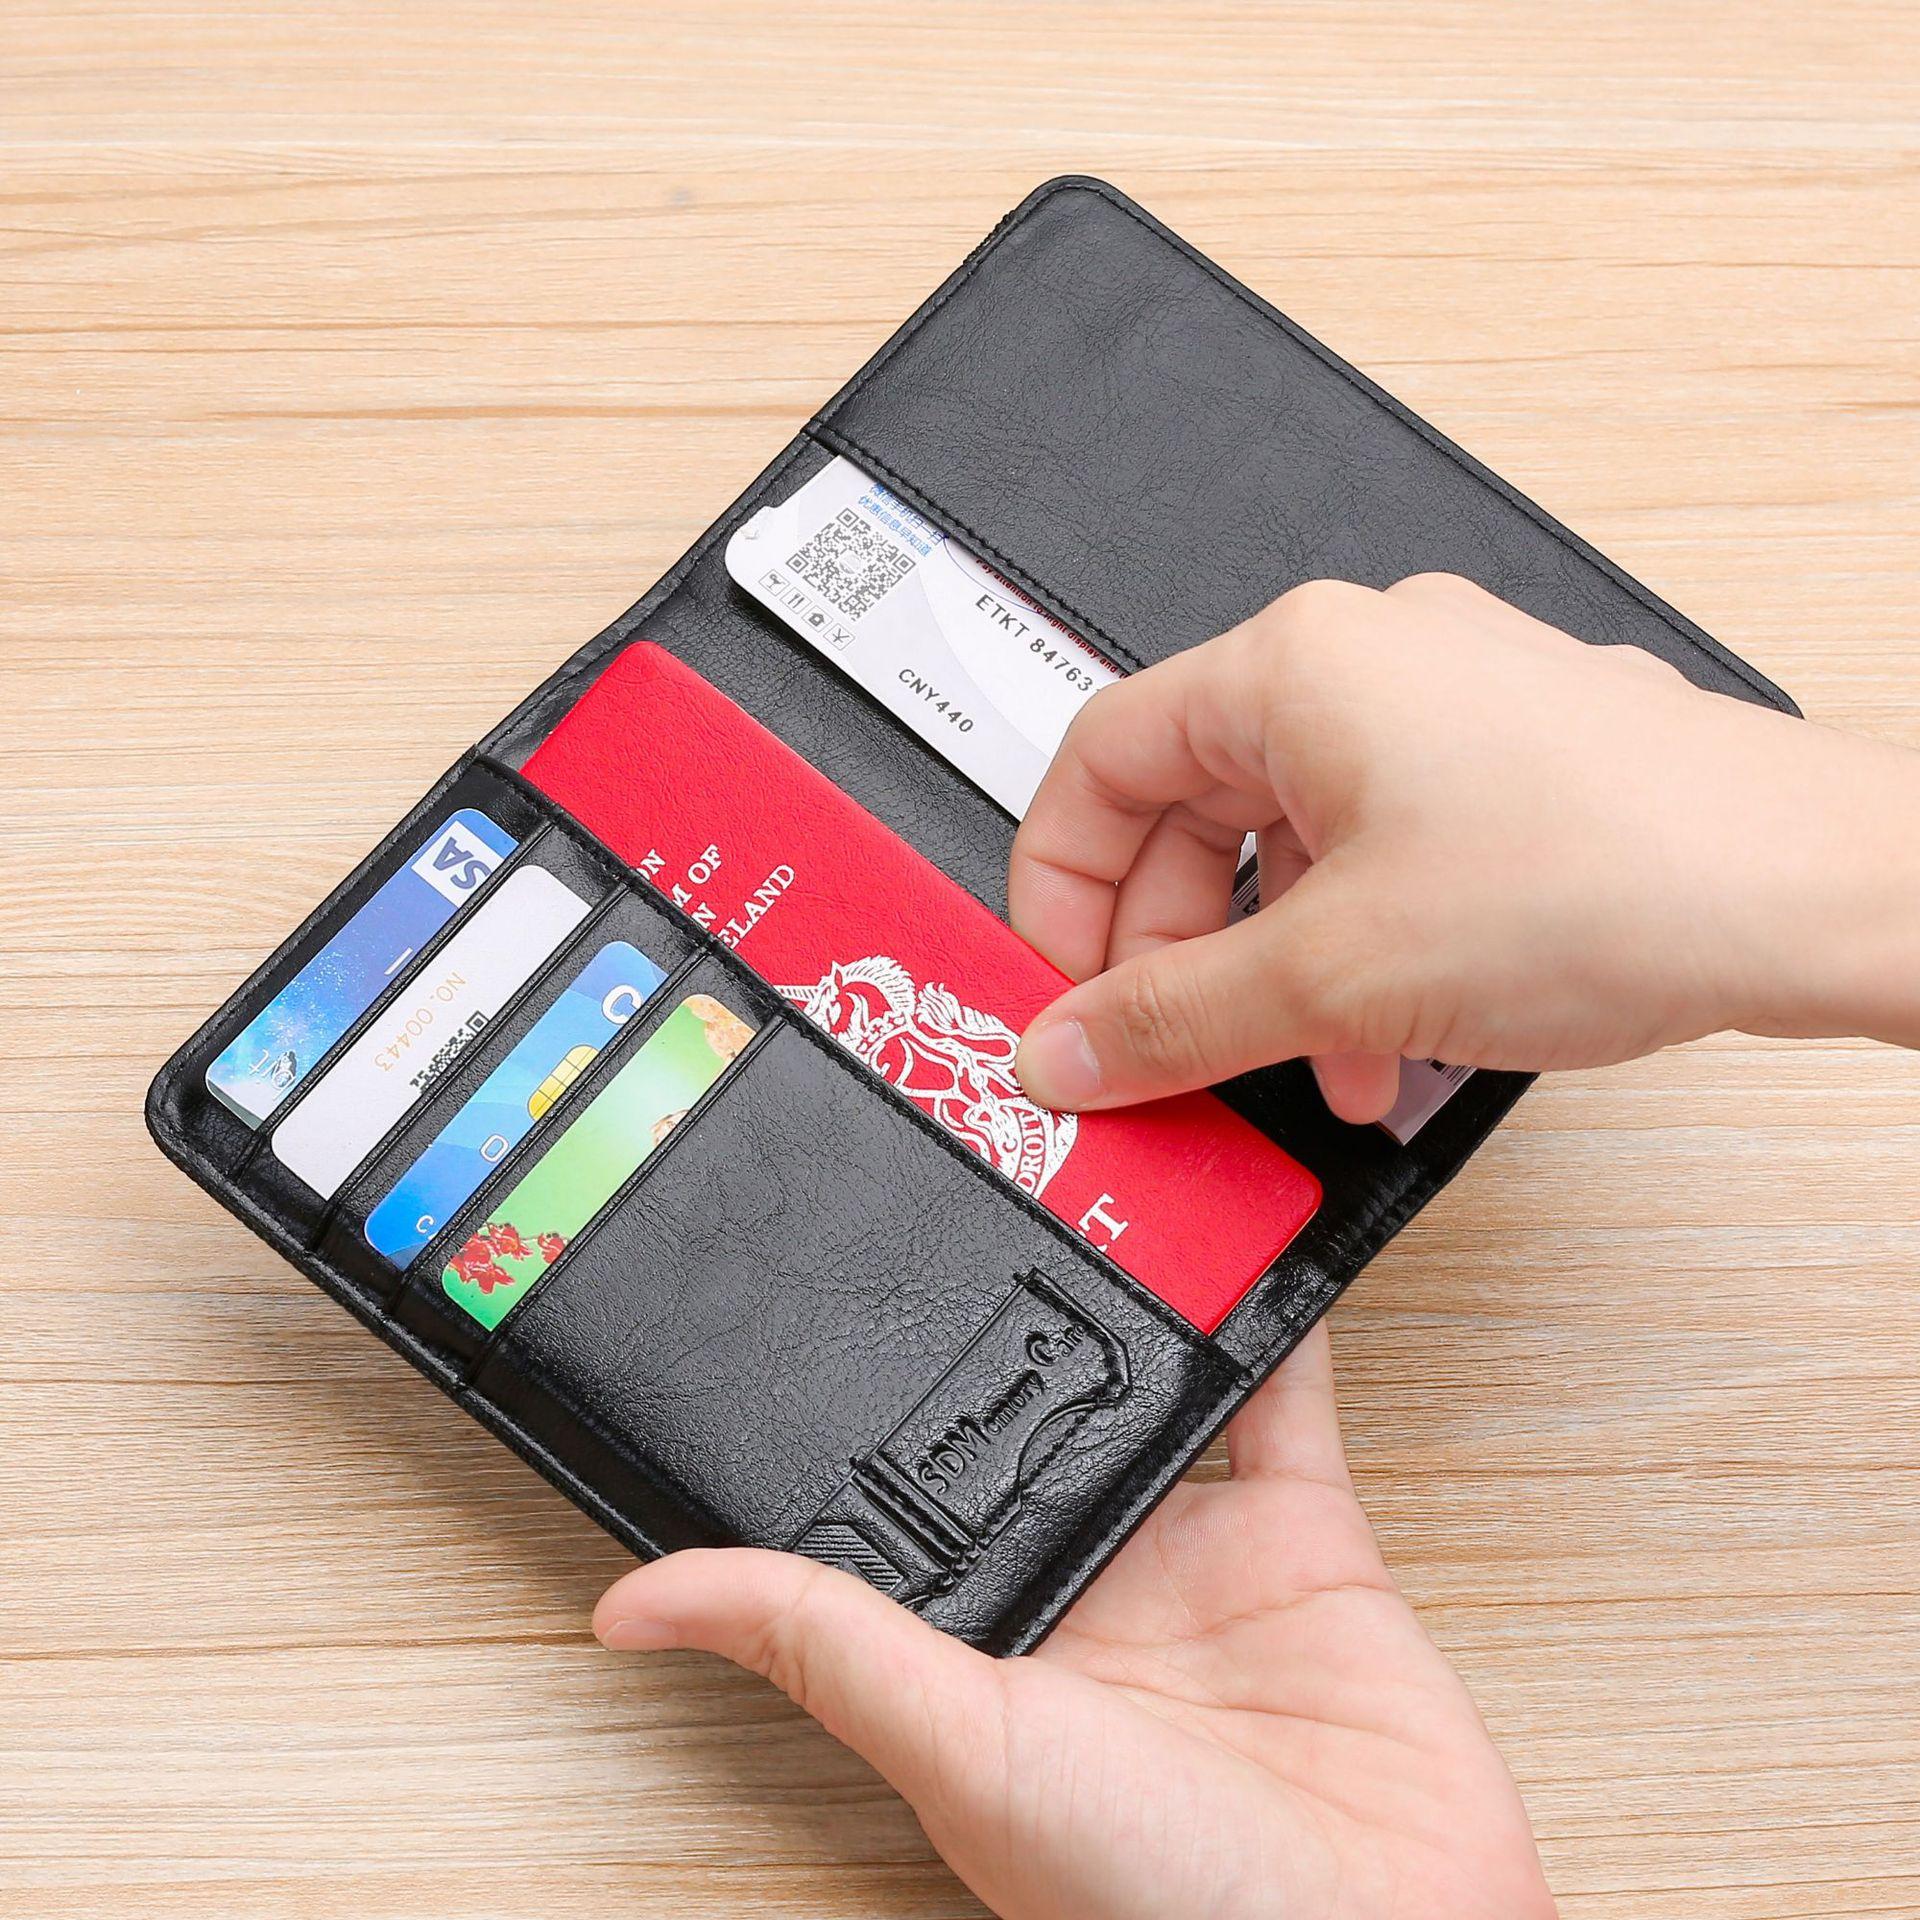 Túi đựng hộ chiếu, túi đựng hộ chiếu chống trộm RFID đa chức năng PU chống mài mòn, ngăn đựng vé tùy chỉnh, ngăn đựng hộ chiếu - Túi thông tin xác thực